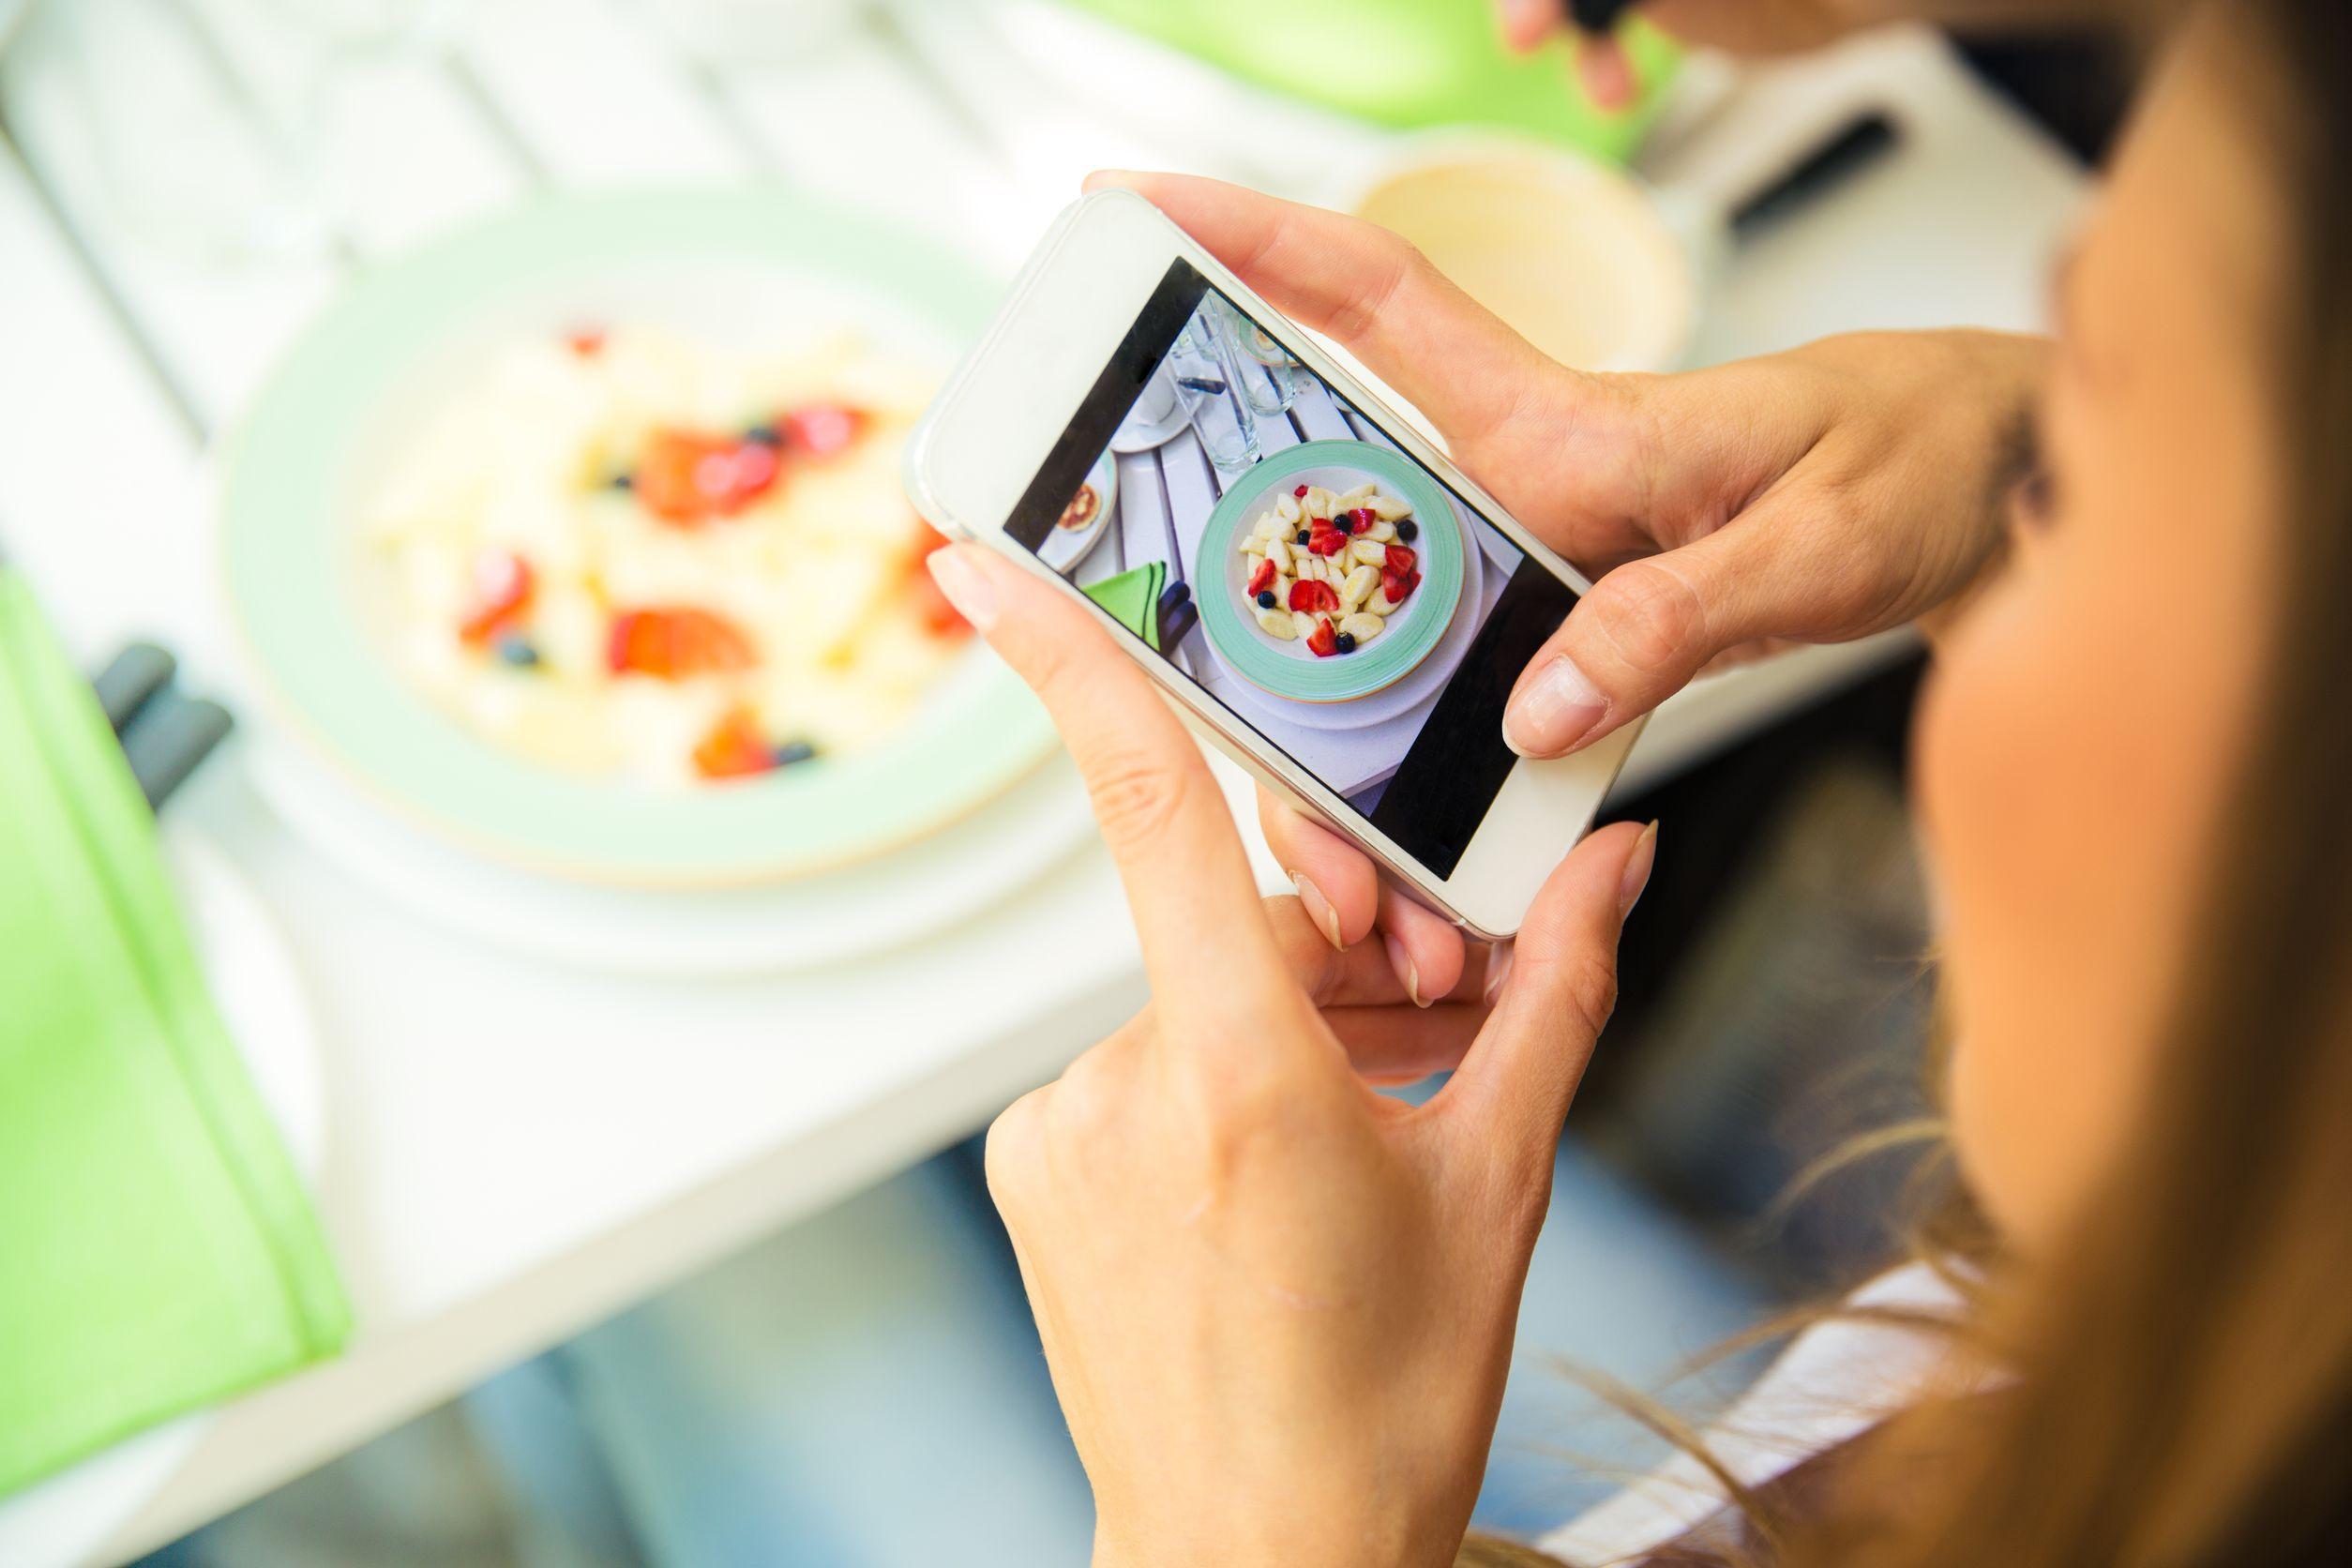 De ce mâncarea pe care o postezi pe Instagram este mai gustoasă